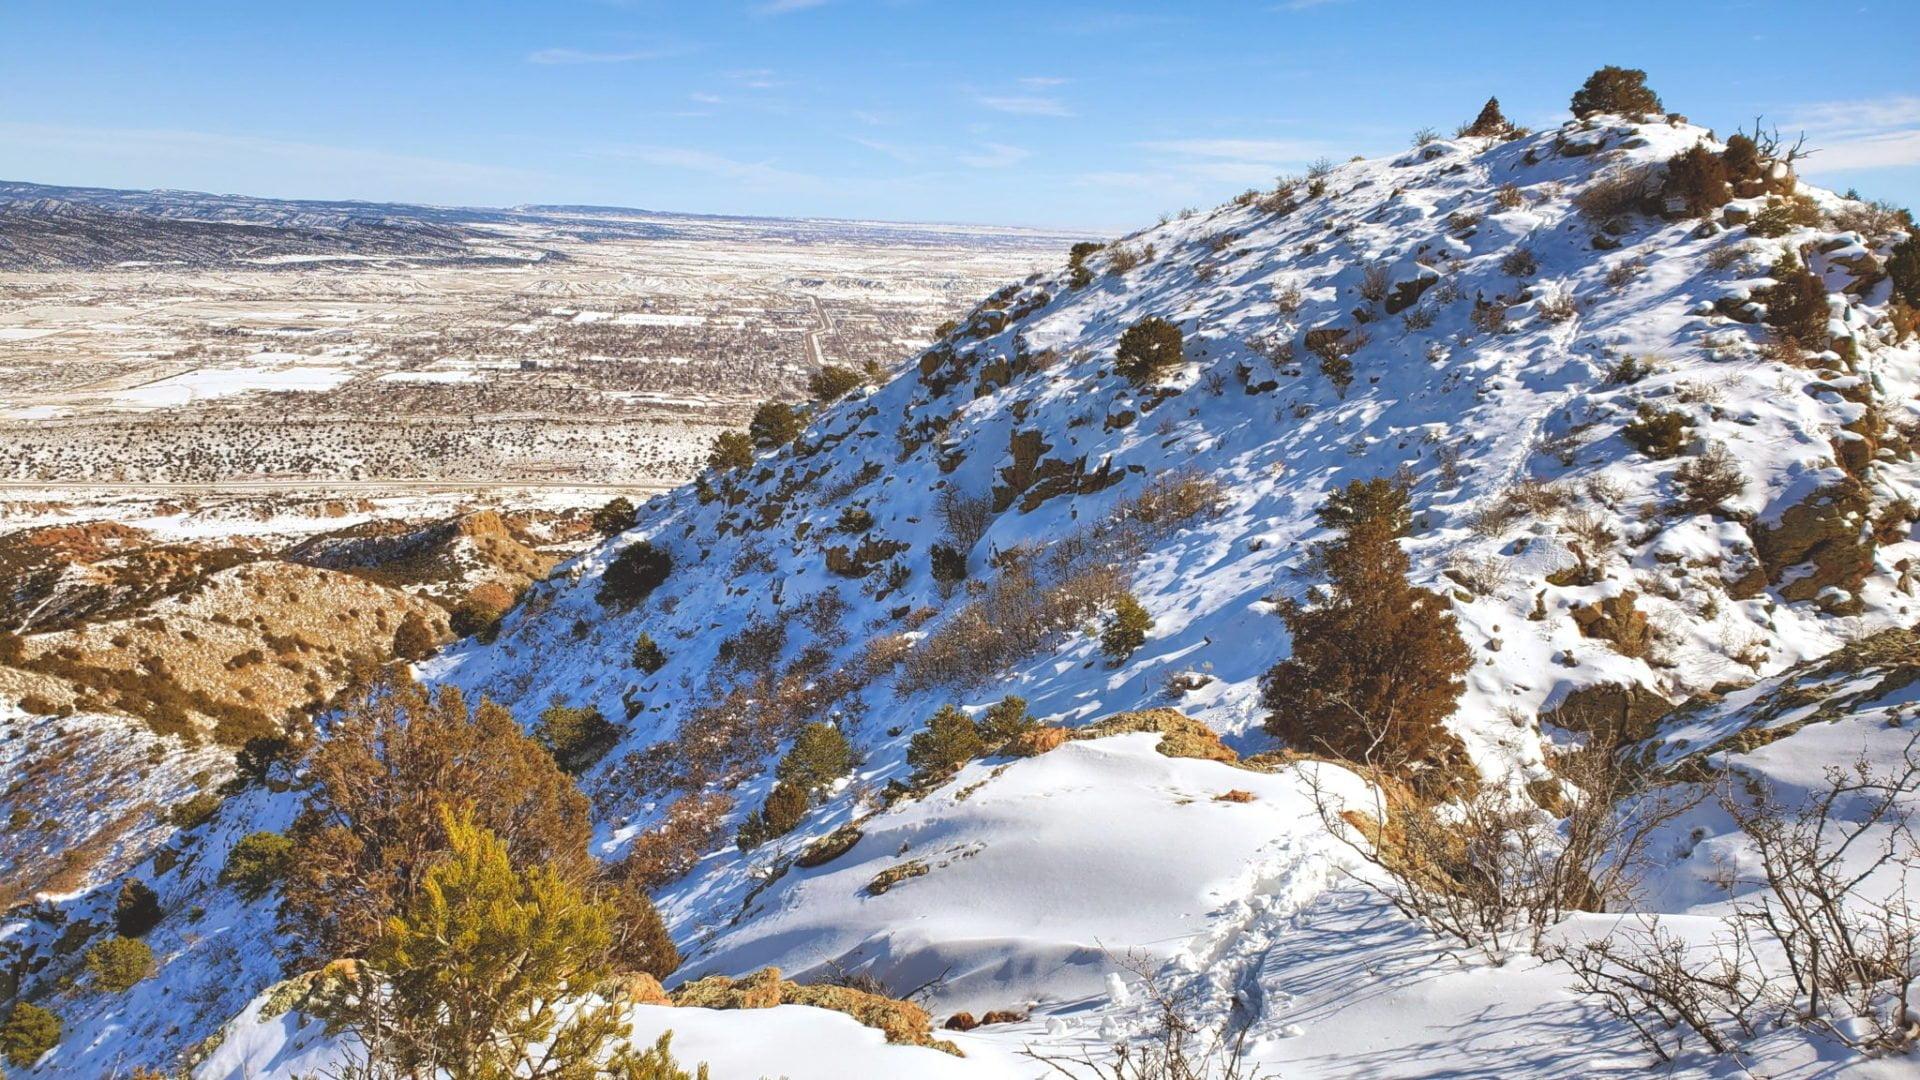 View of Fremont Peak summit